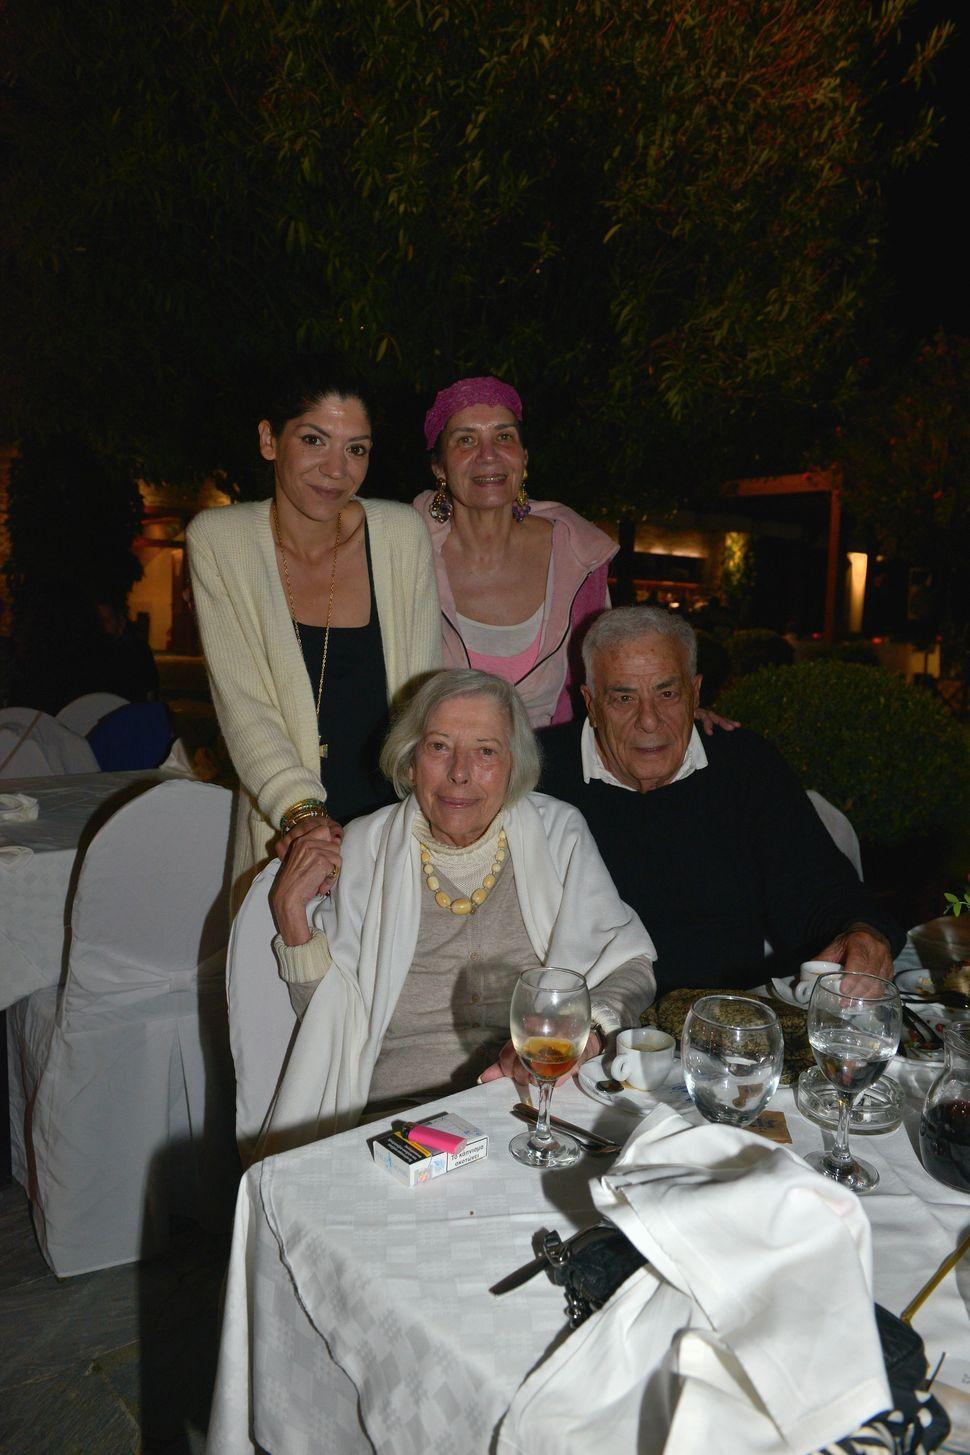 Ο Αμερικανός ηθοποιόςRichard Romanus και η ενδυματολόγοςAnthea Sylbert, υποψήφια για Όσκαρ στην ταινία Chinatown με τους Jack Nicholson και Faye Dunaway. Οι δύο τους έφεραν το Χόλιγουντ στην Σκιάθο, όπου πλέον μένουν μόνιμα. Στη φωτογραφία τους βλέπουμε μαζί με την κ. Νικόλ Βότση (αριστερά) και την κ Λένα Παγώνη Βότση.